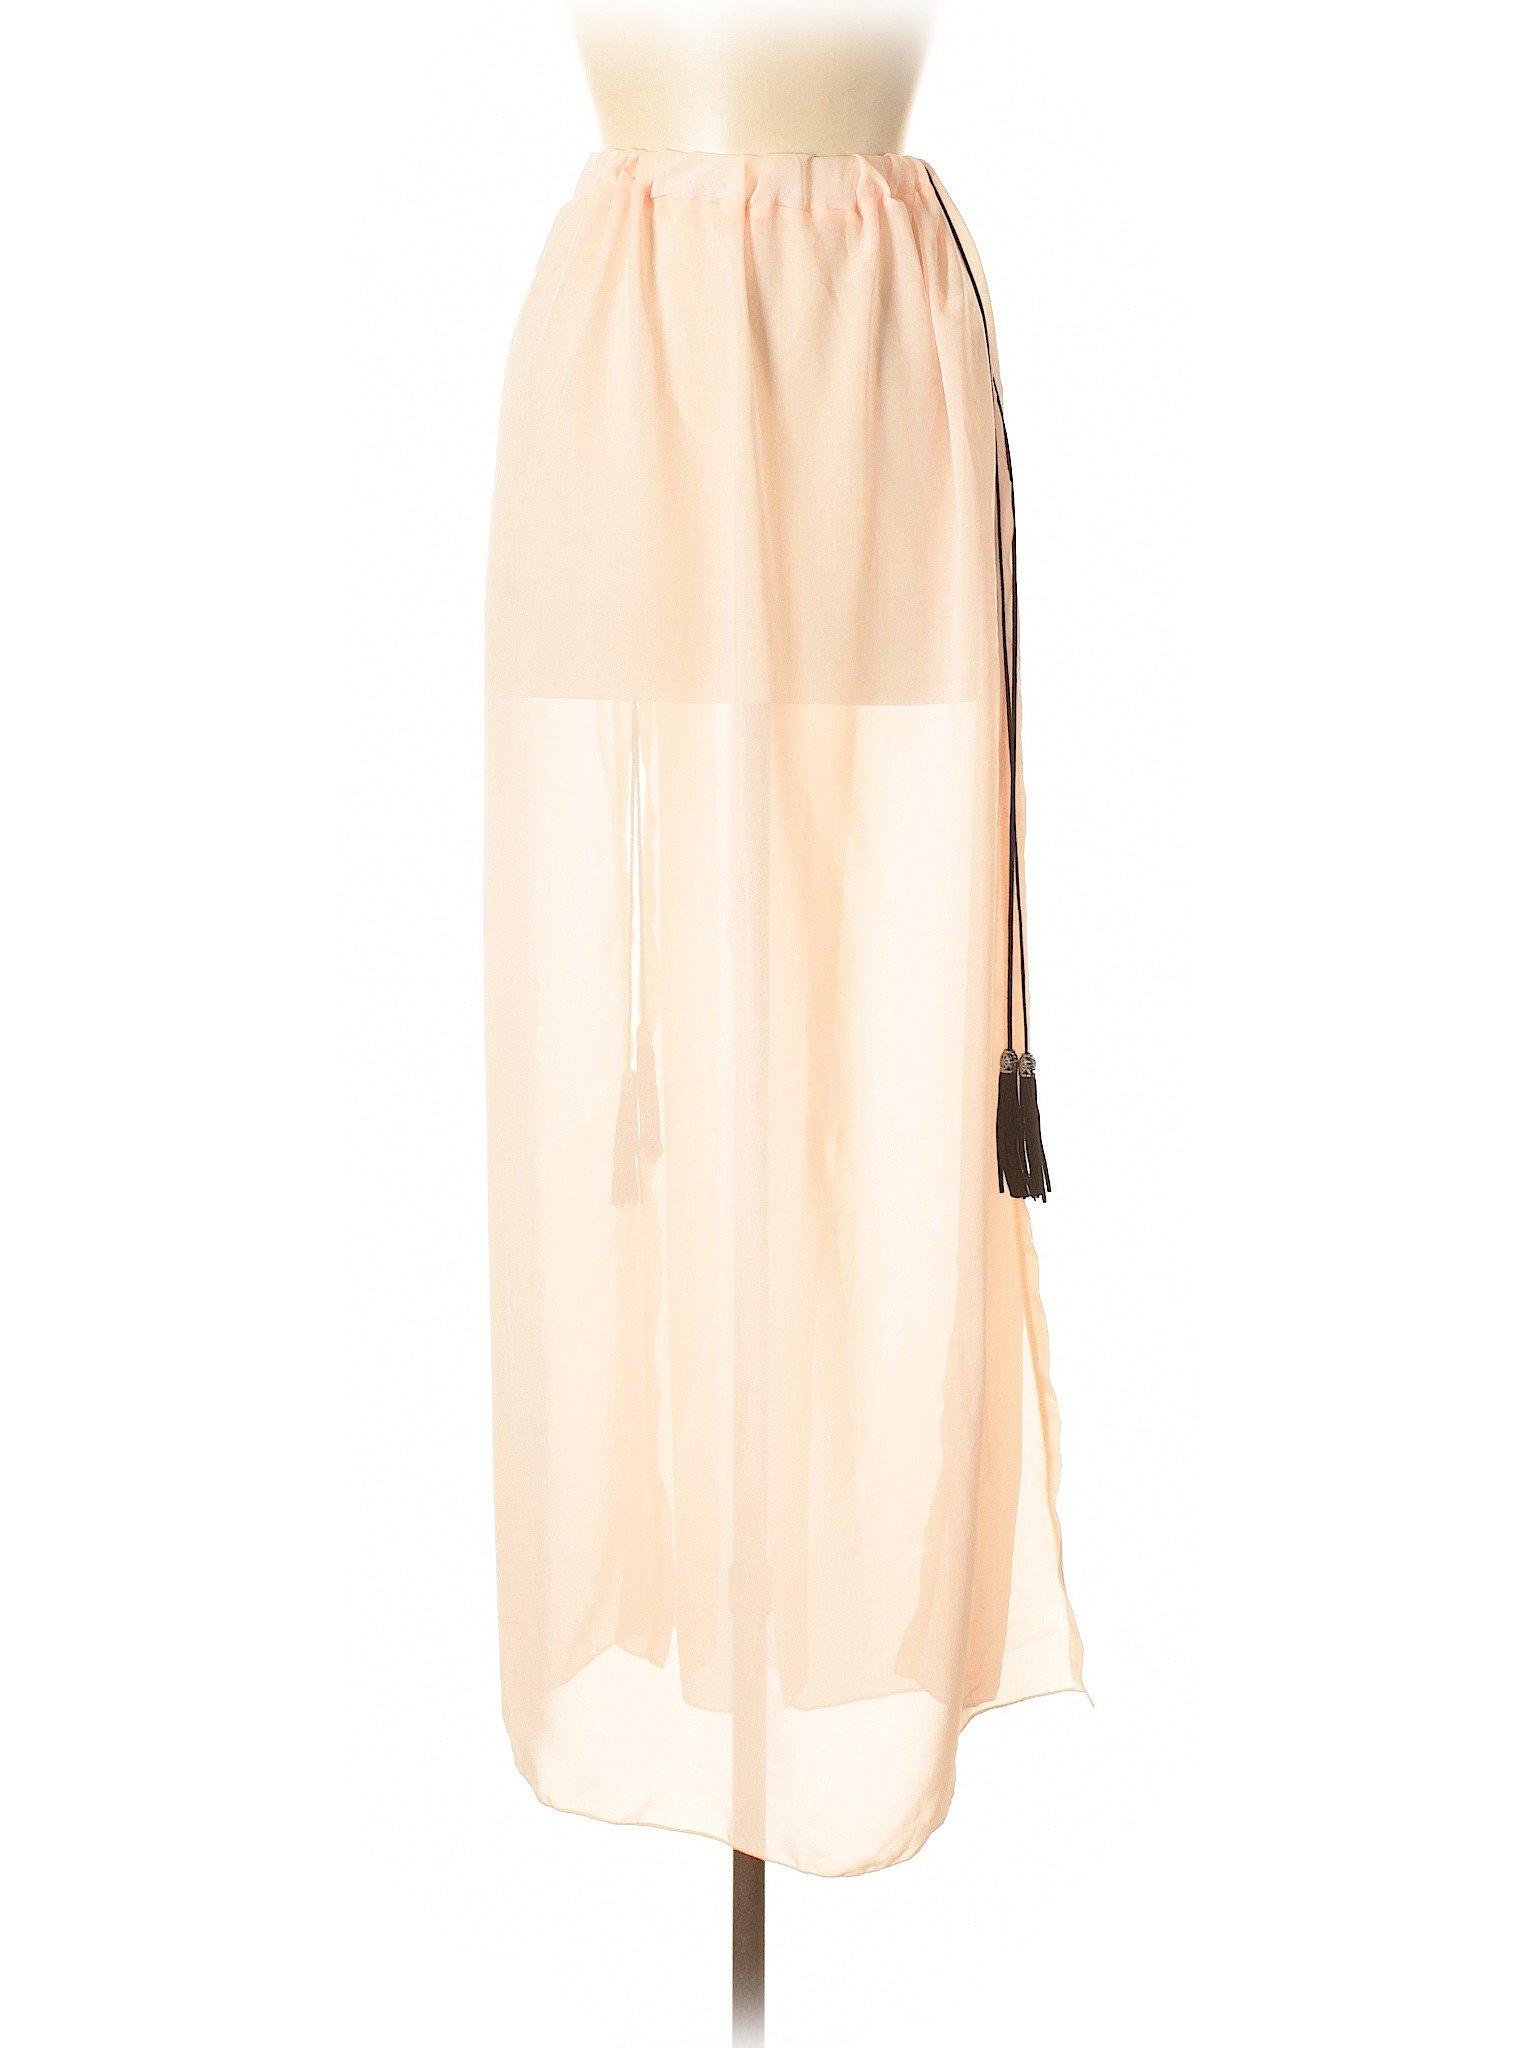 Boutique Casual Skirt Casual Skirt Boutique Boutique UwpRUB